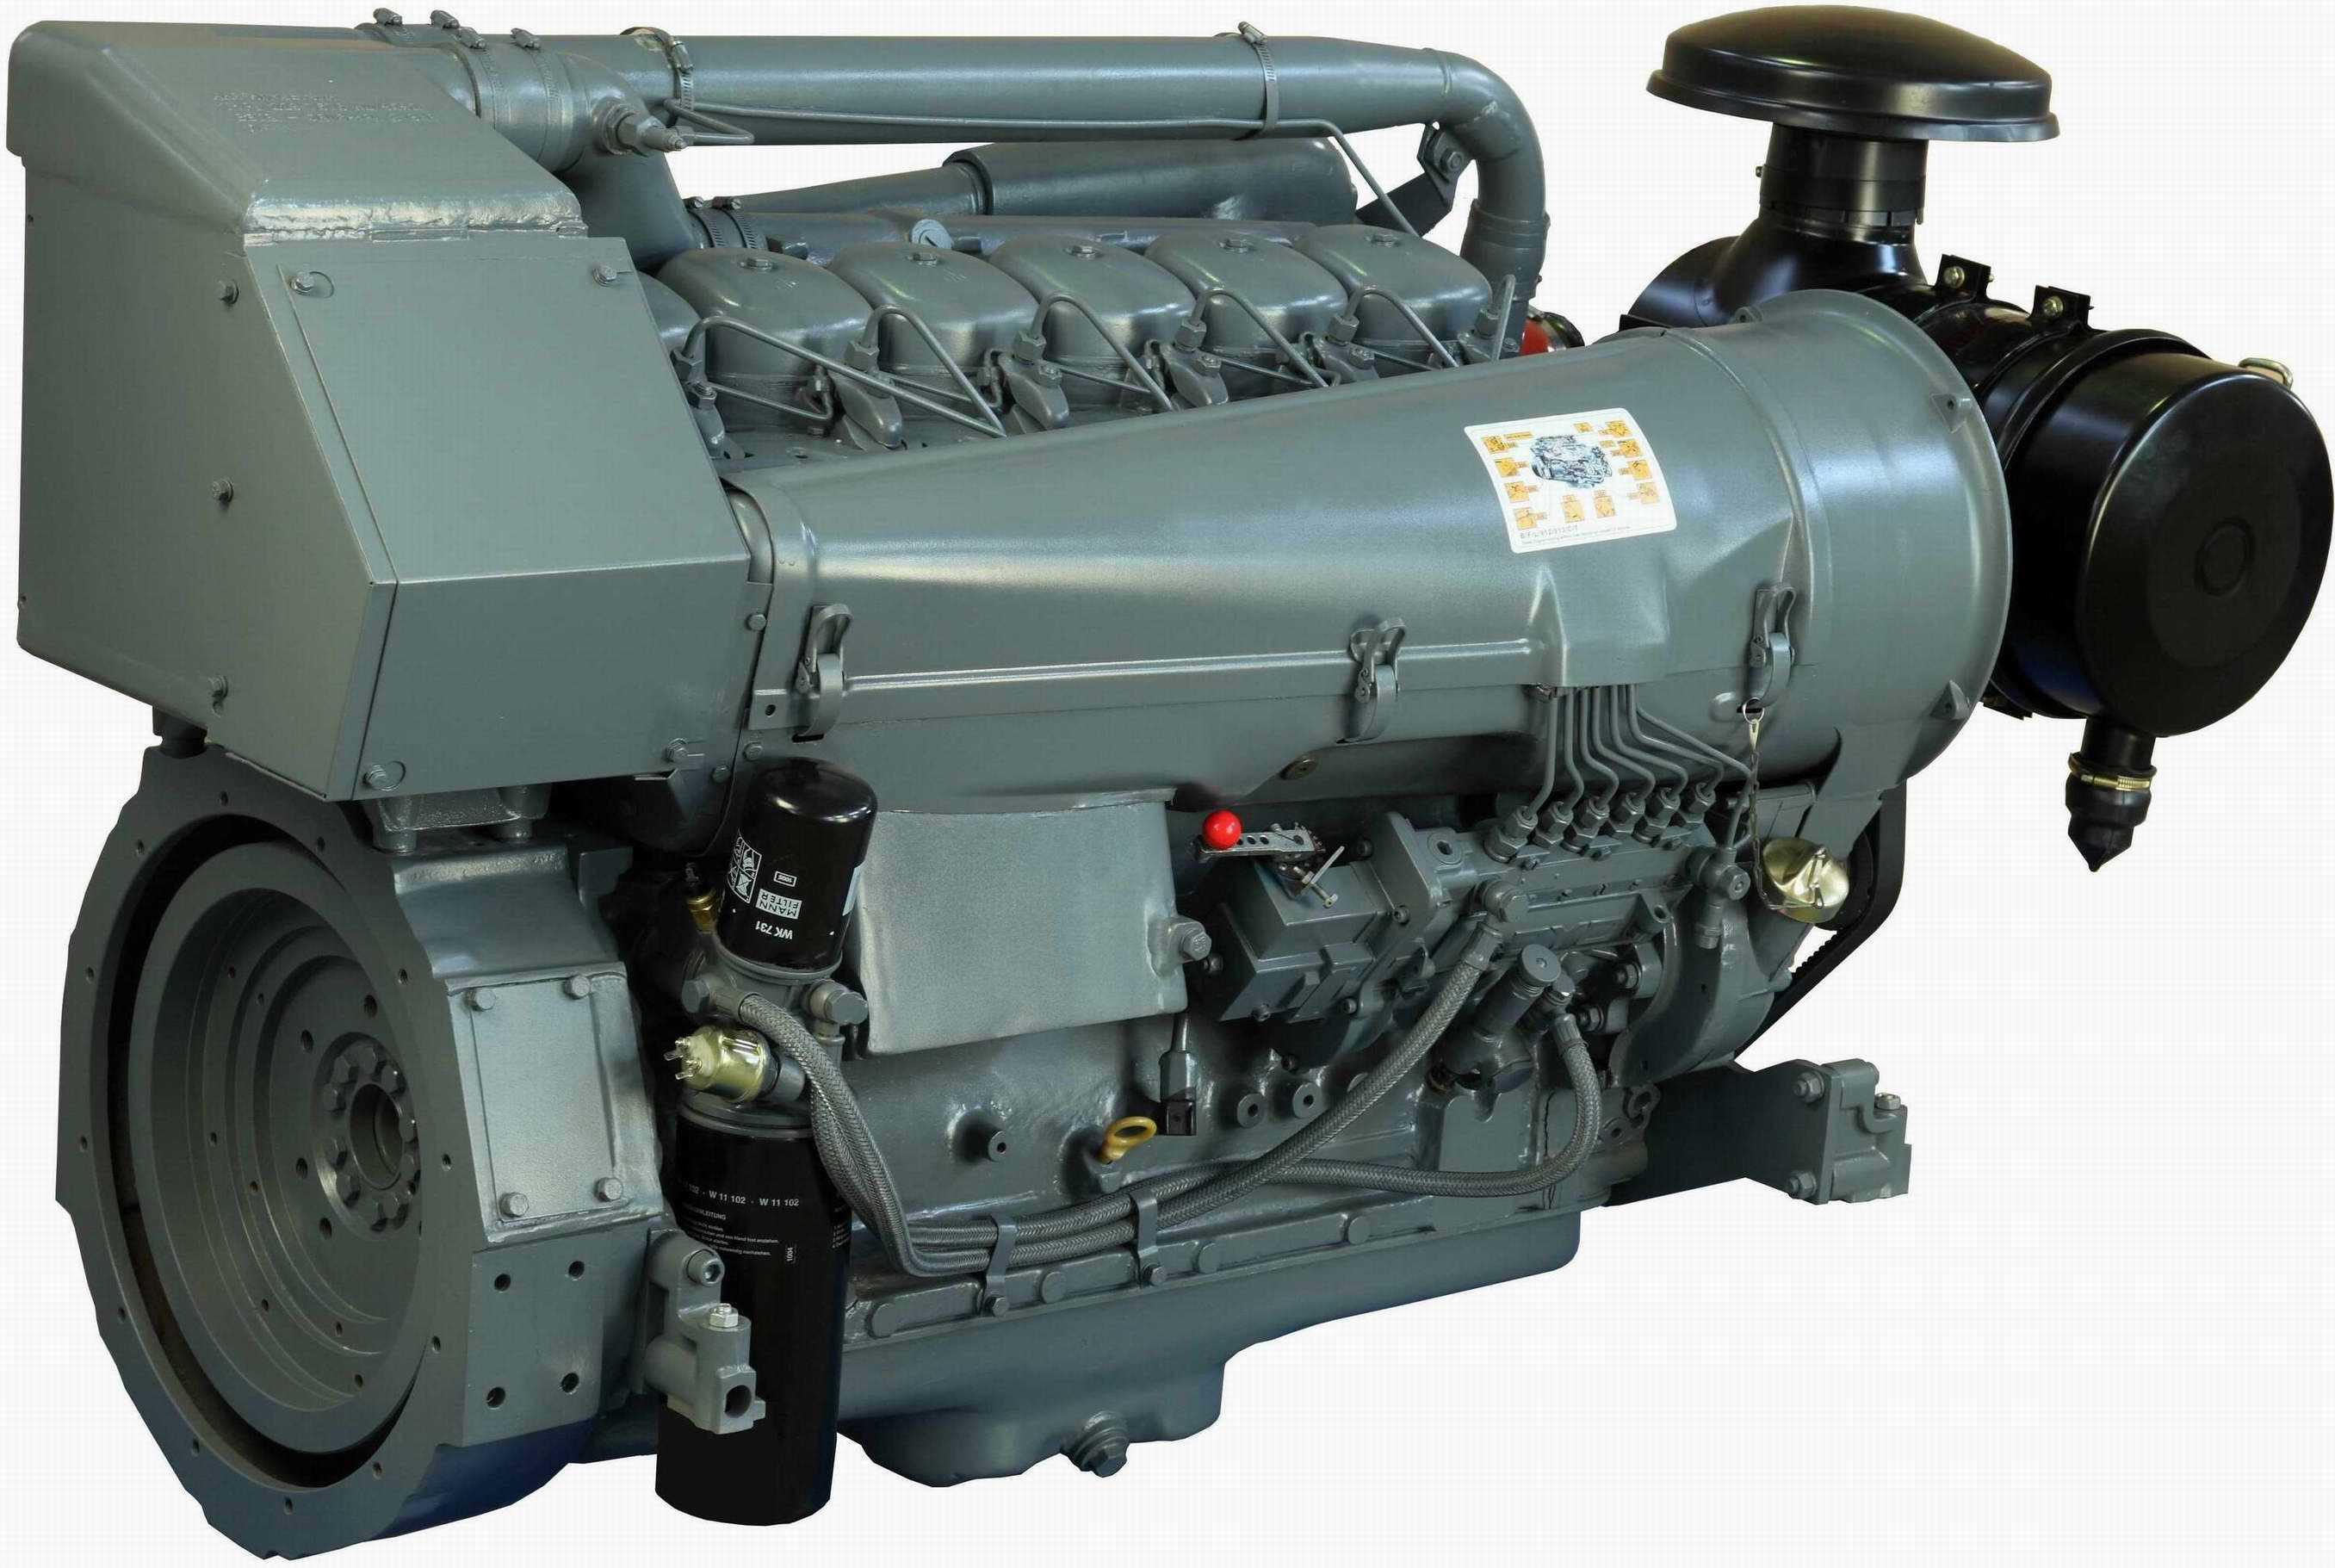 moteur diesel  image gallery moteur diesel  saying free